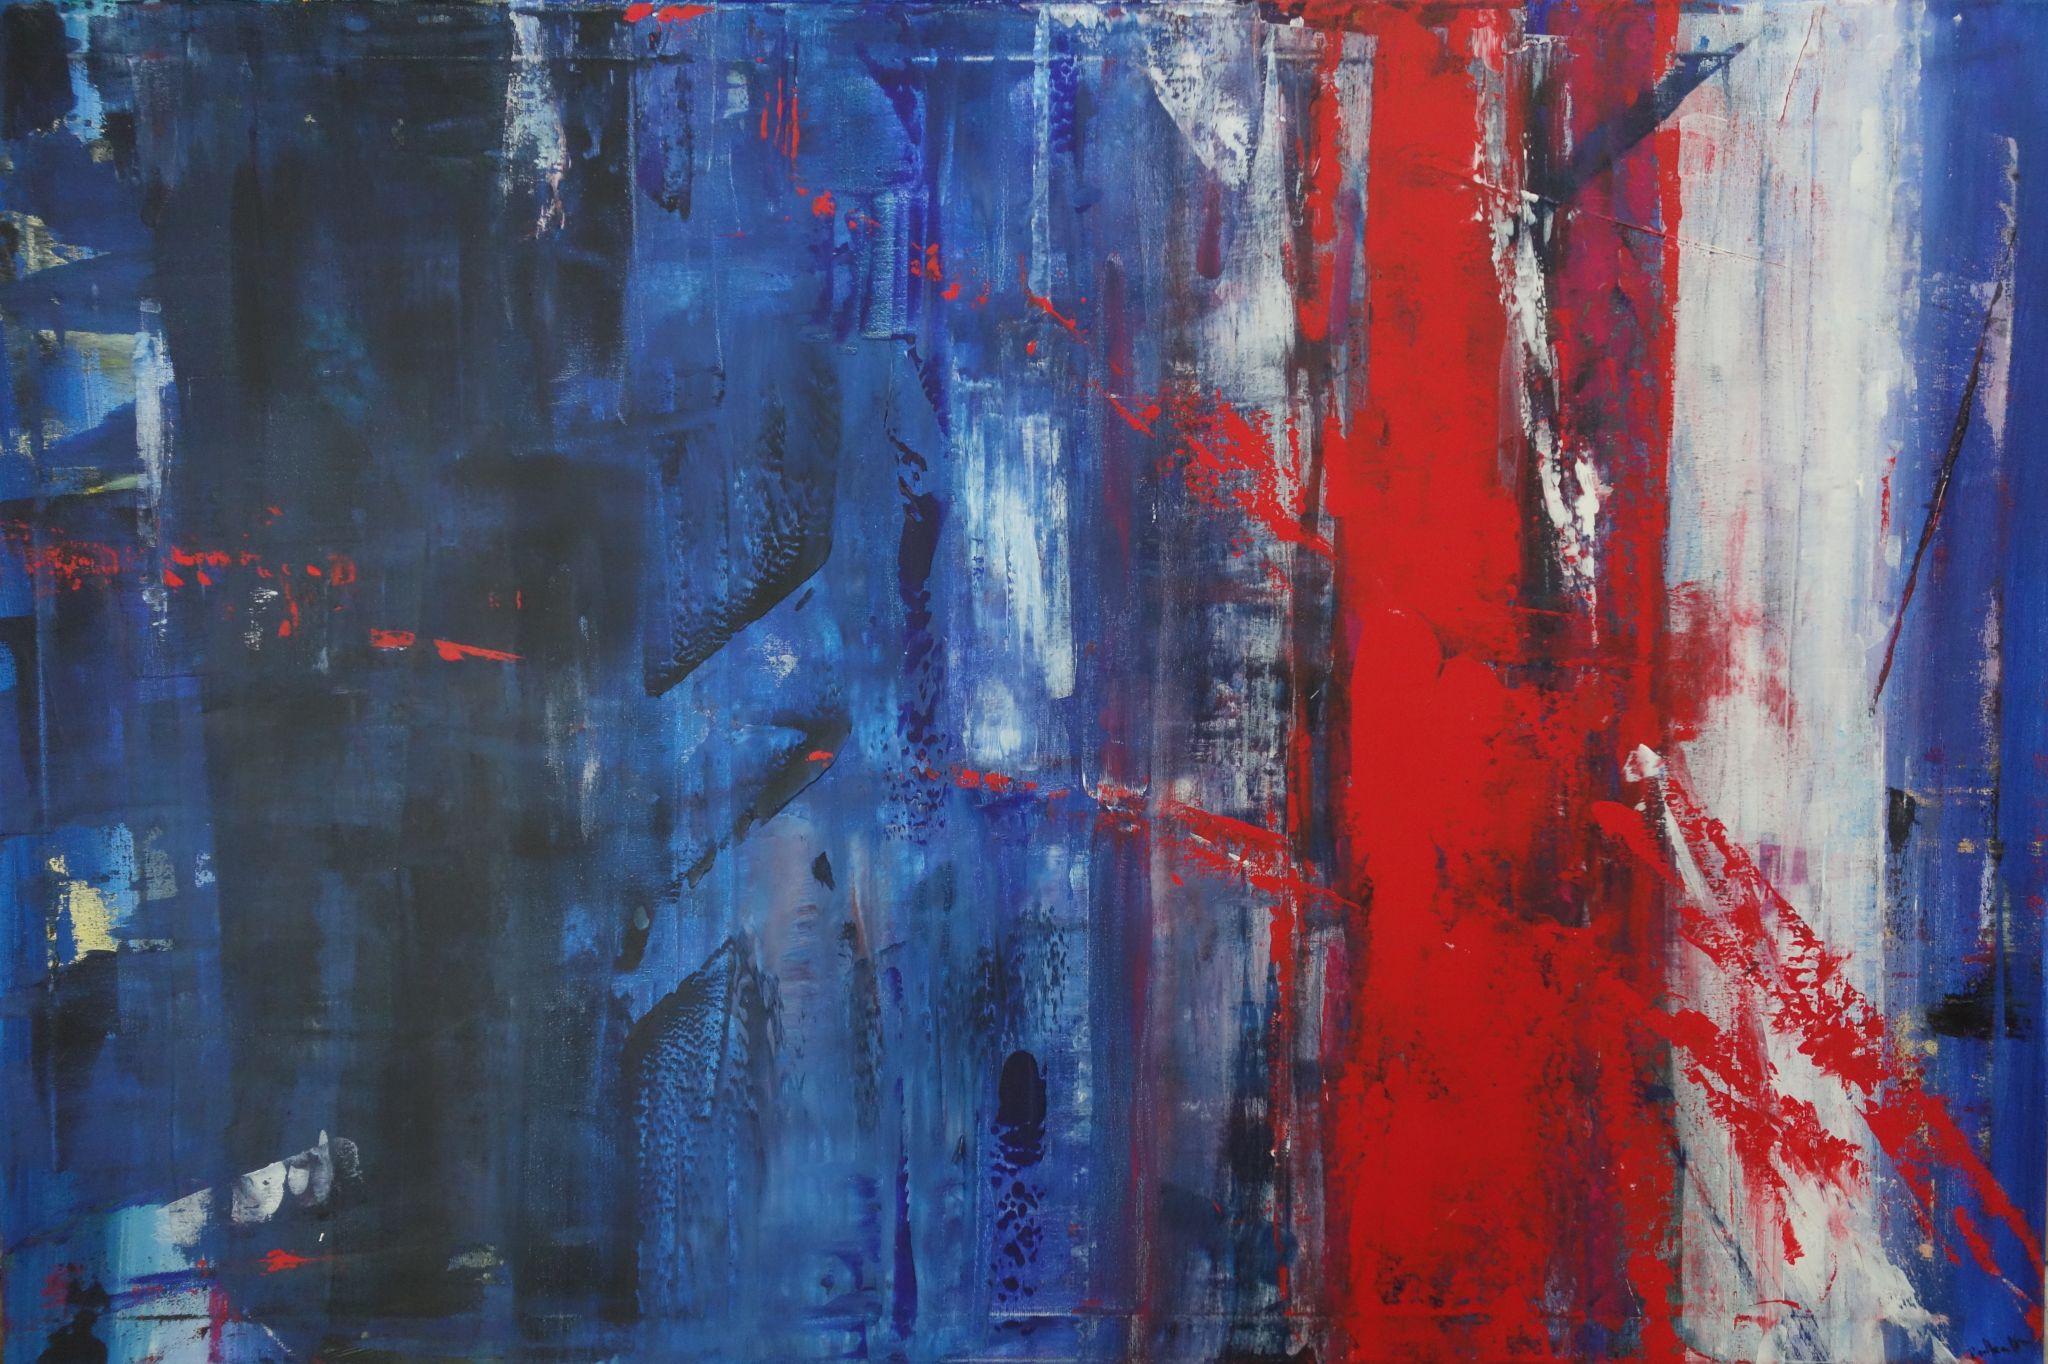 vnitřní les, 100/150 cm, 2014, akryl na plátně